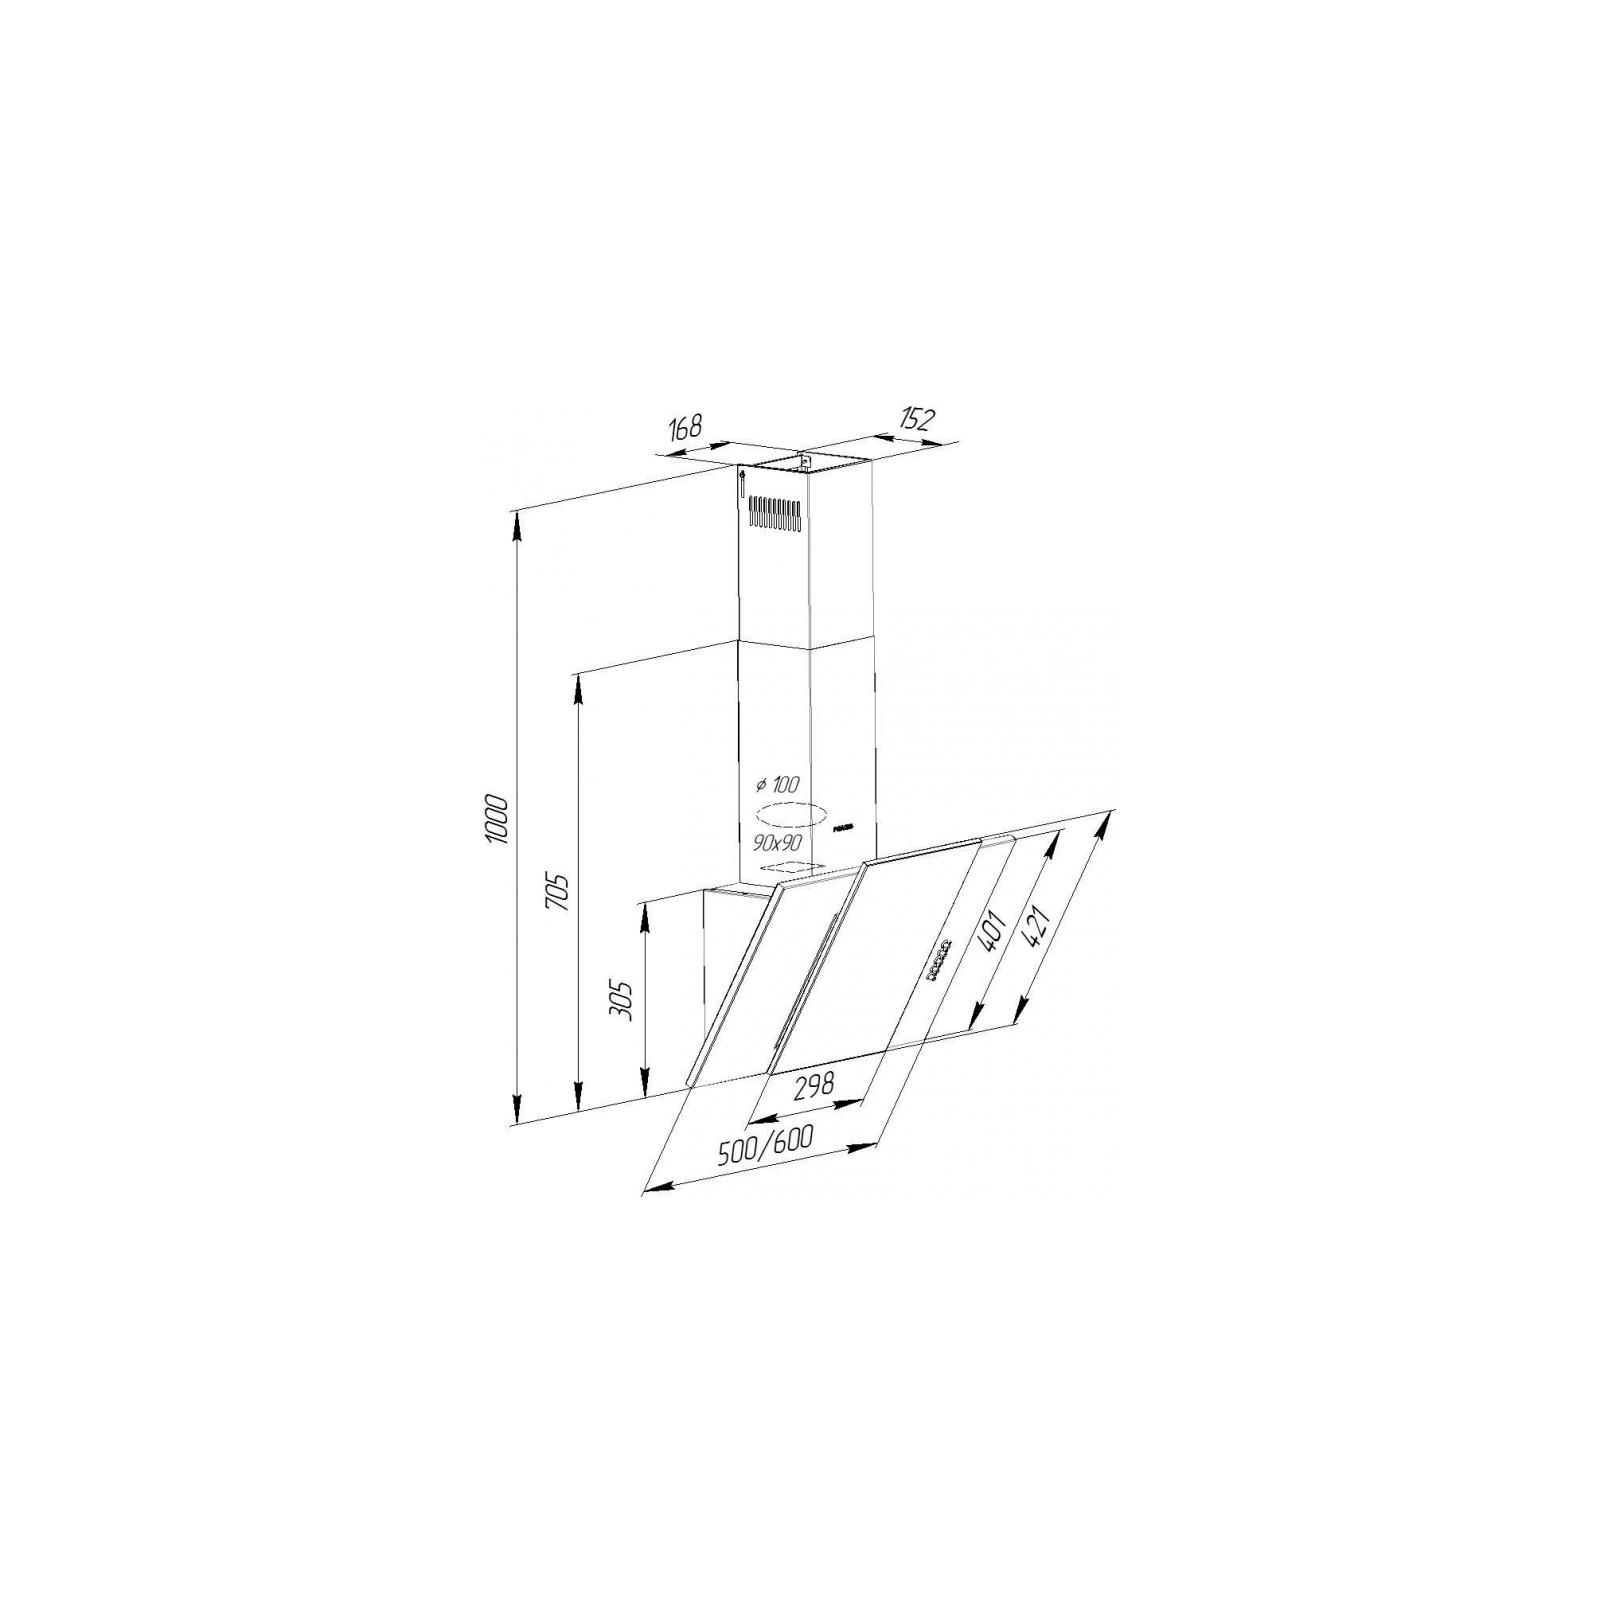 Вытяжка кухонная PYRAMIDA KZ 50 BL изображение 10